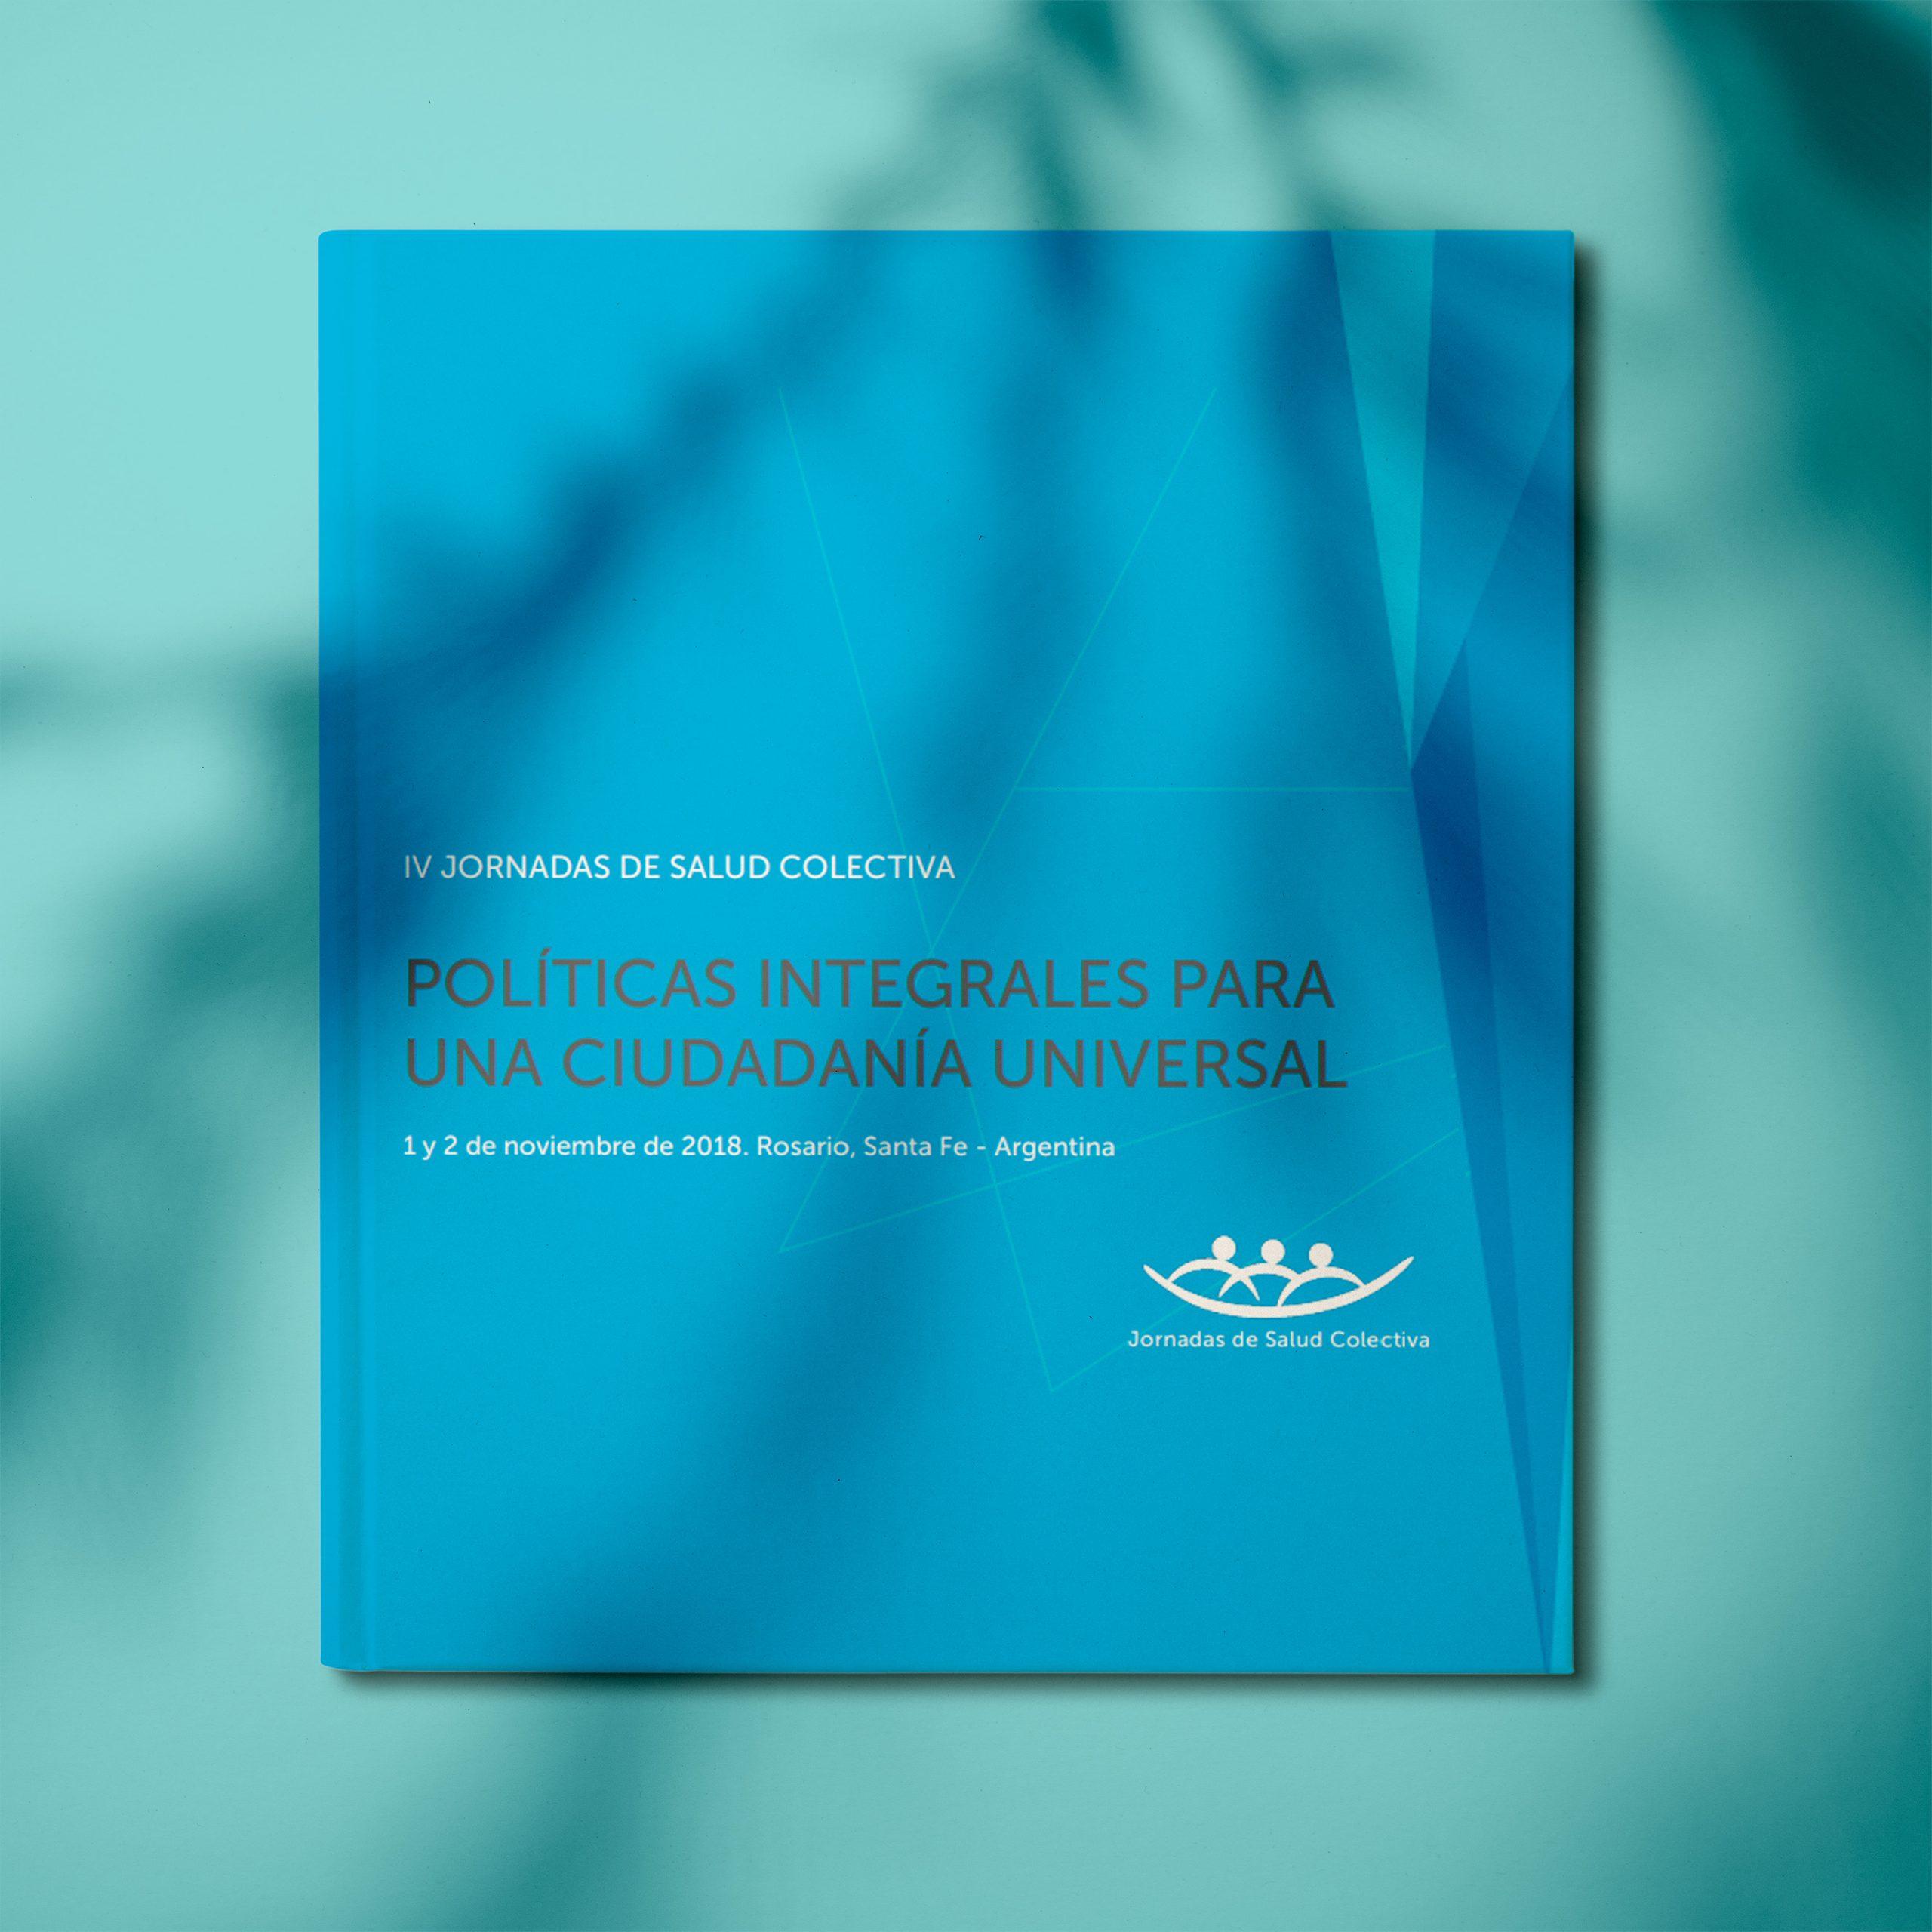 IV Jornada de Salud Colectiva. Políticas Integrales para una ciudadanía universal.